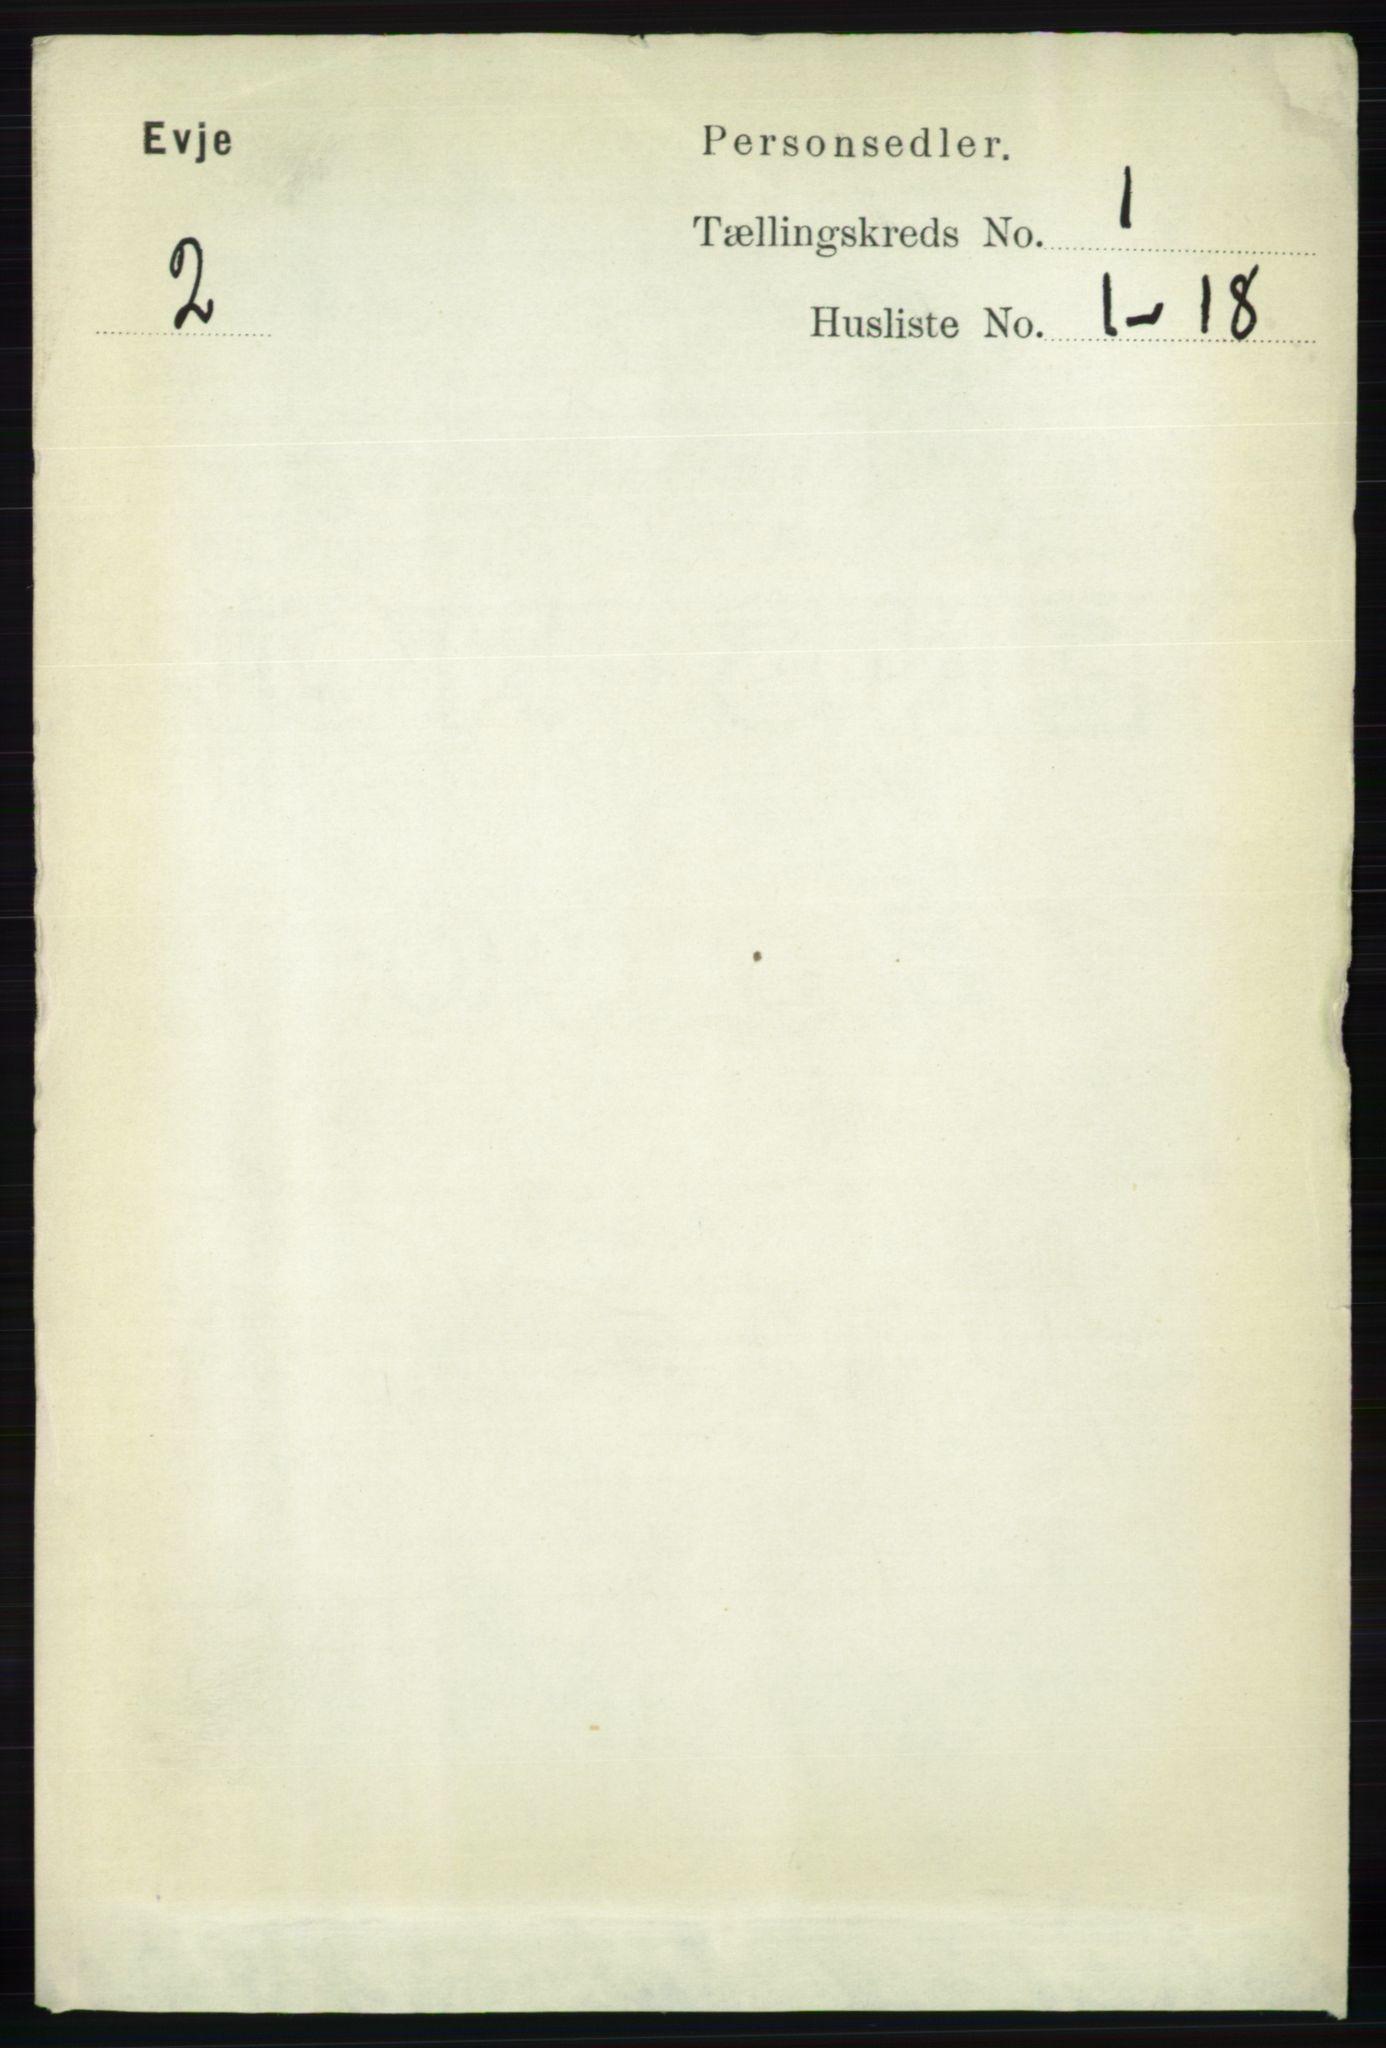 RA, Folketelling 1891 for 0937 Evje herred, 1891, s. 56